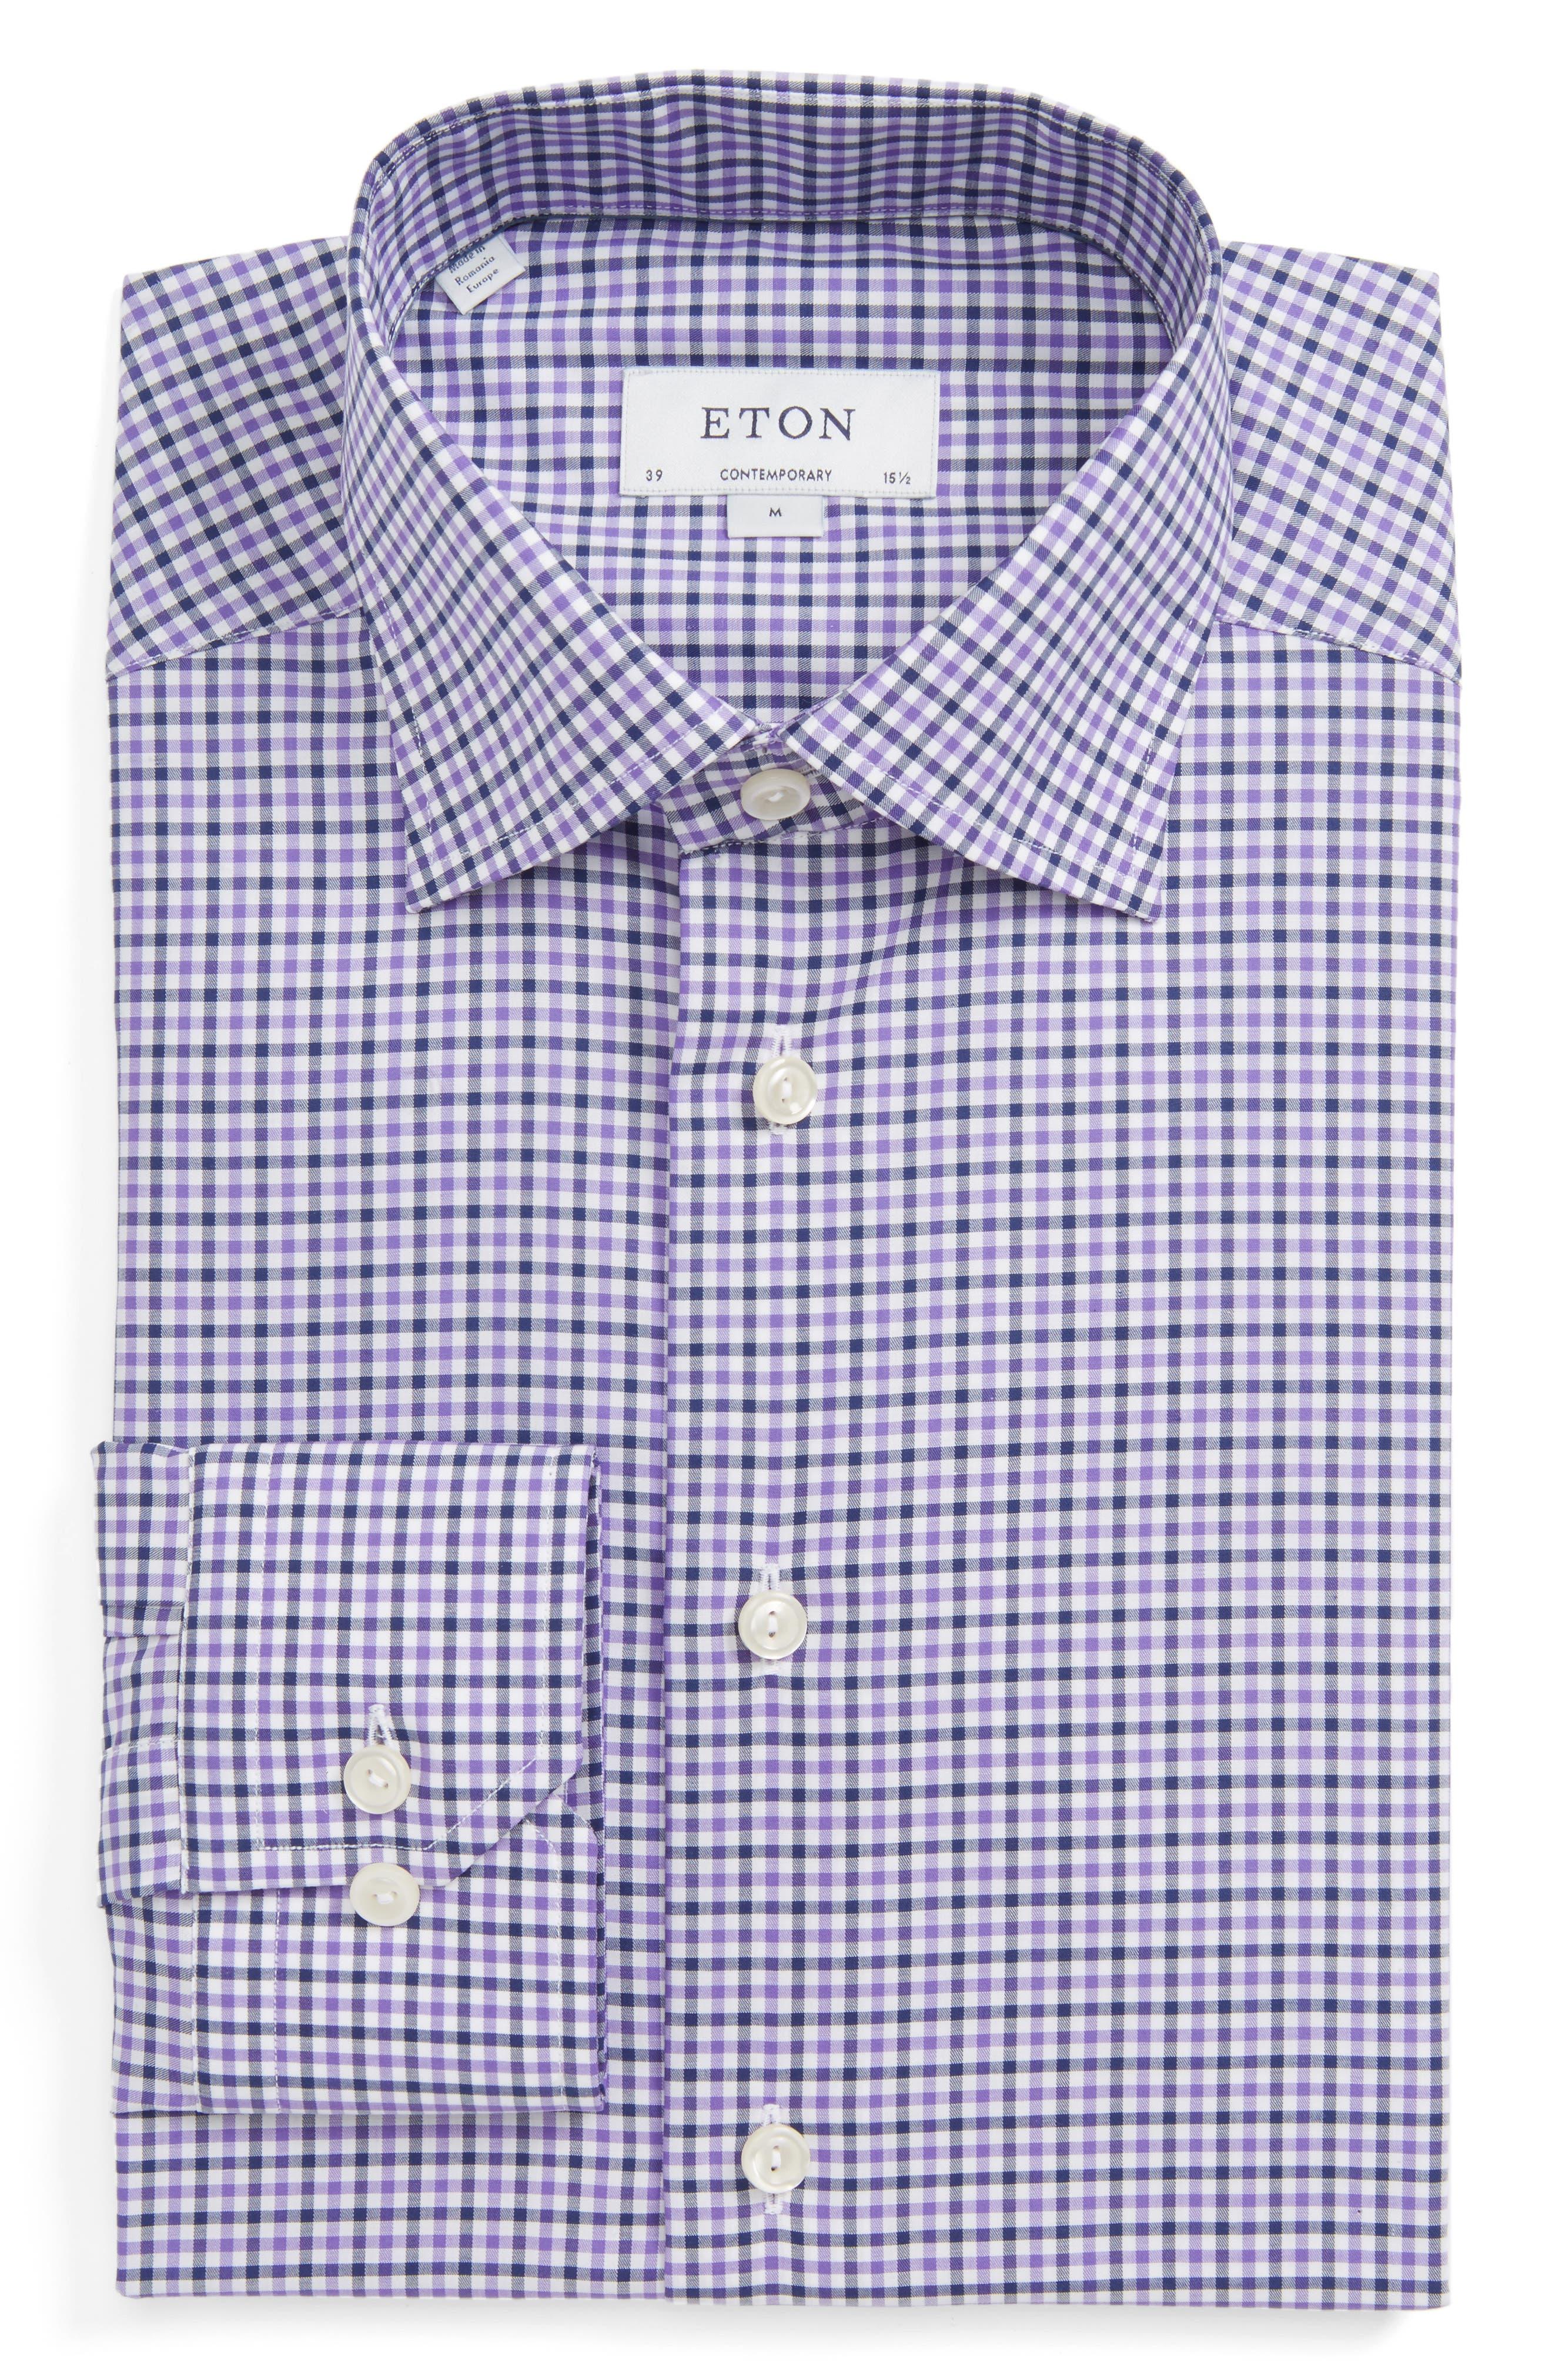 Contemporary Fit Check Dress Shirt,                             Main thumbnail 1, color,                             500